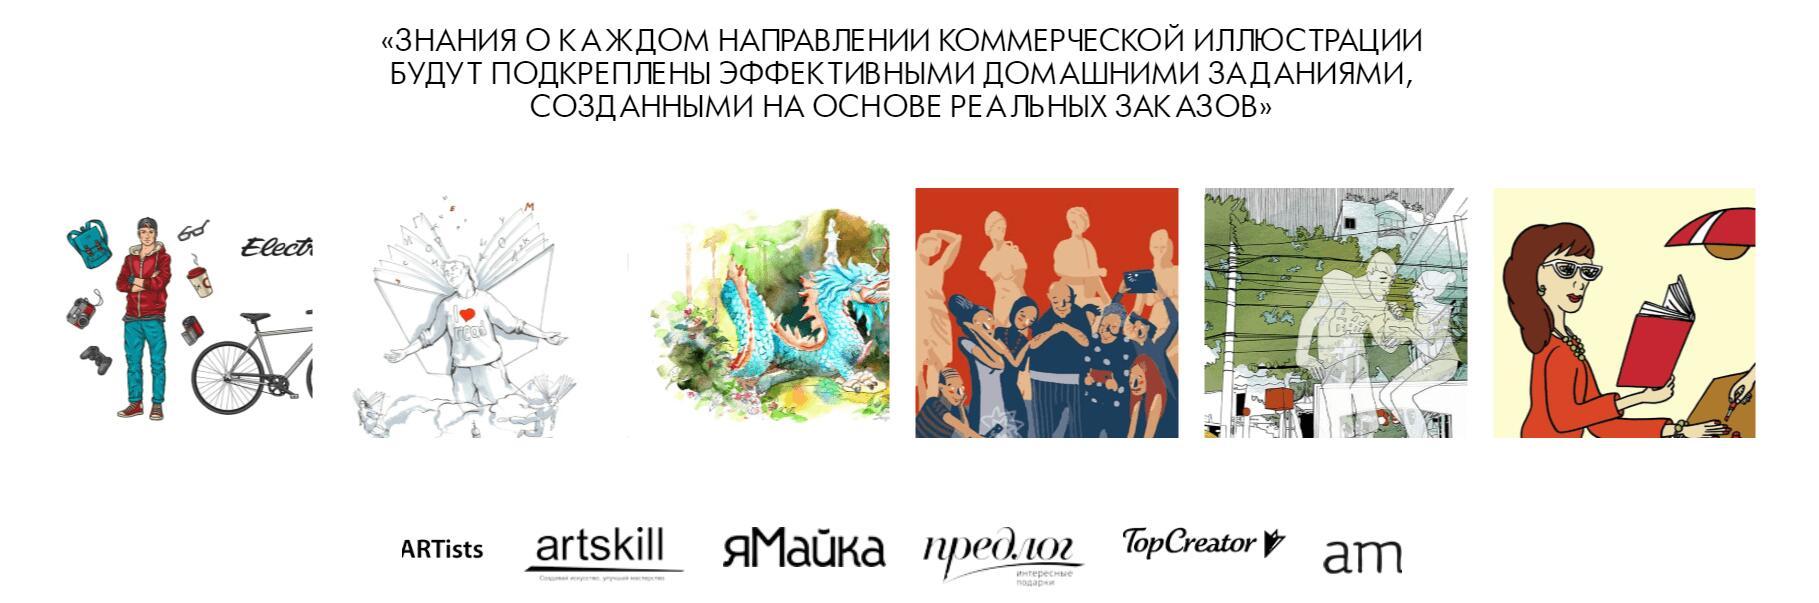 Преимущества курса коммерческой иллюстрации от Miroedova School